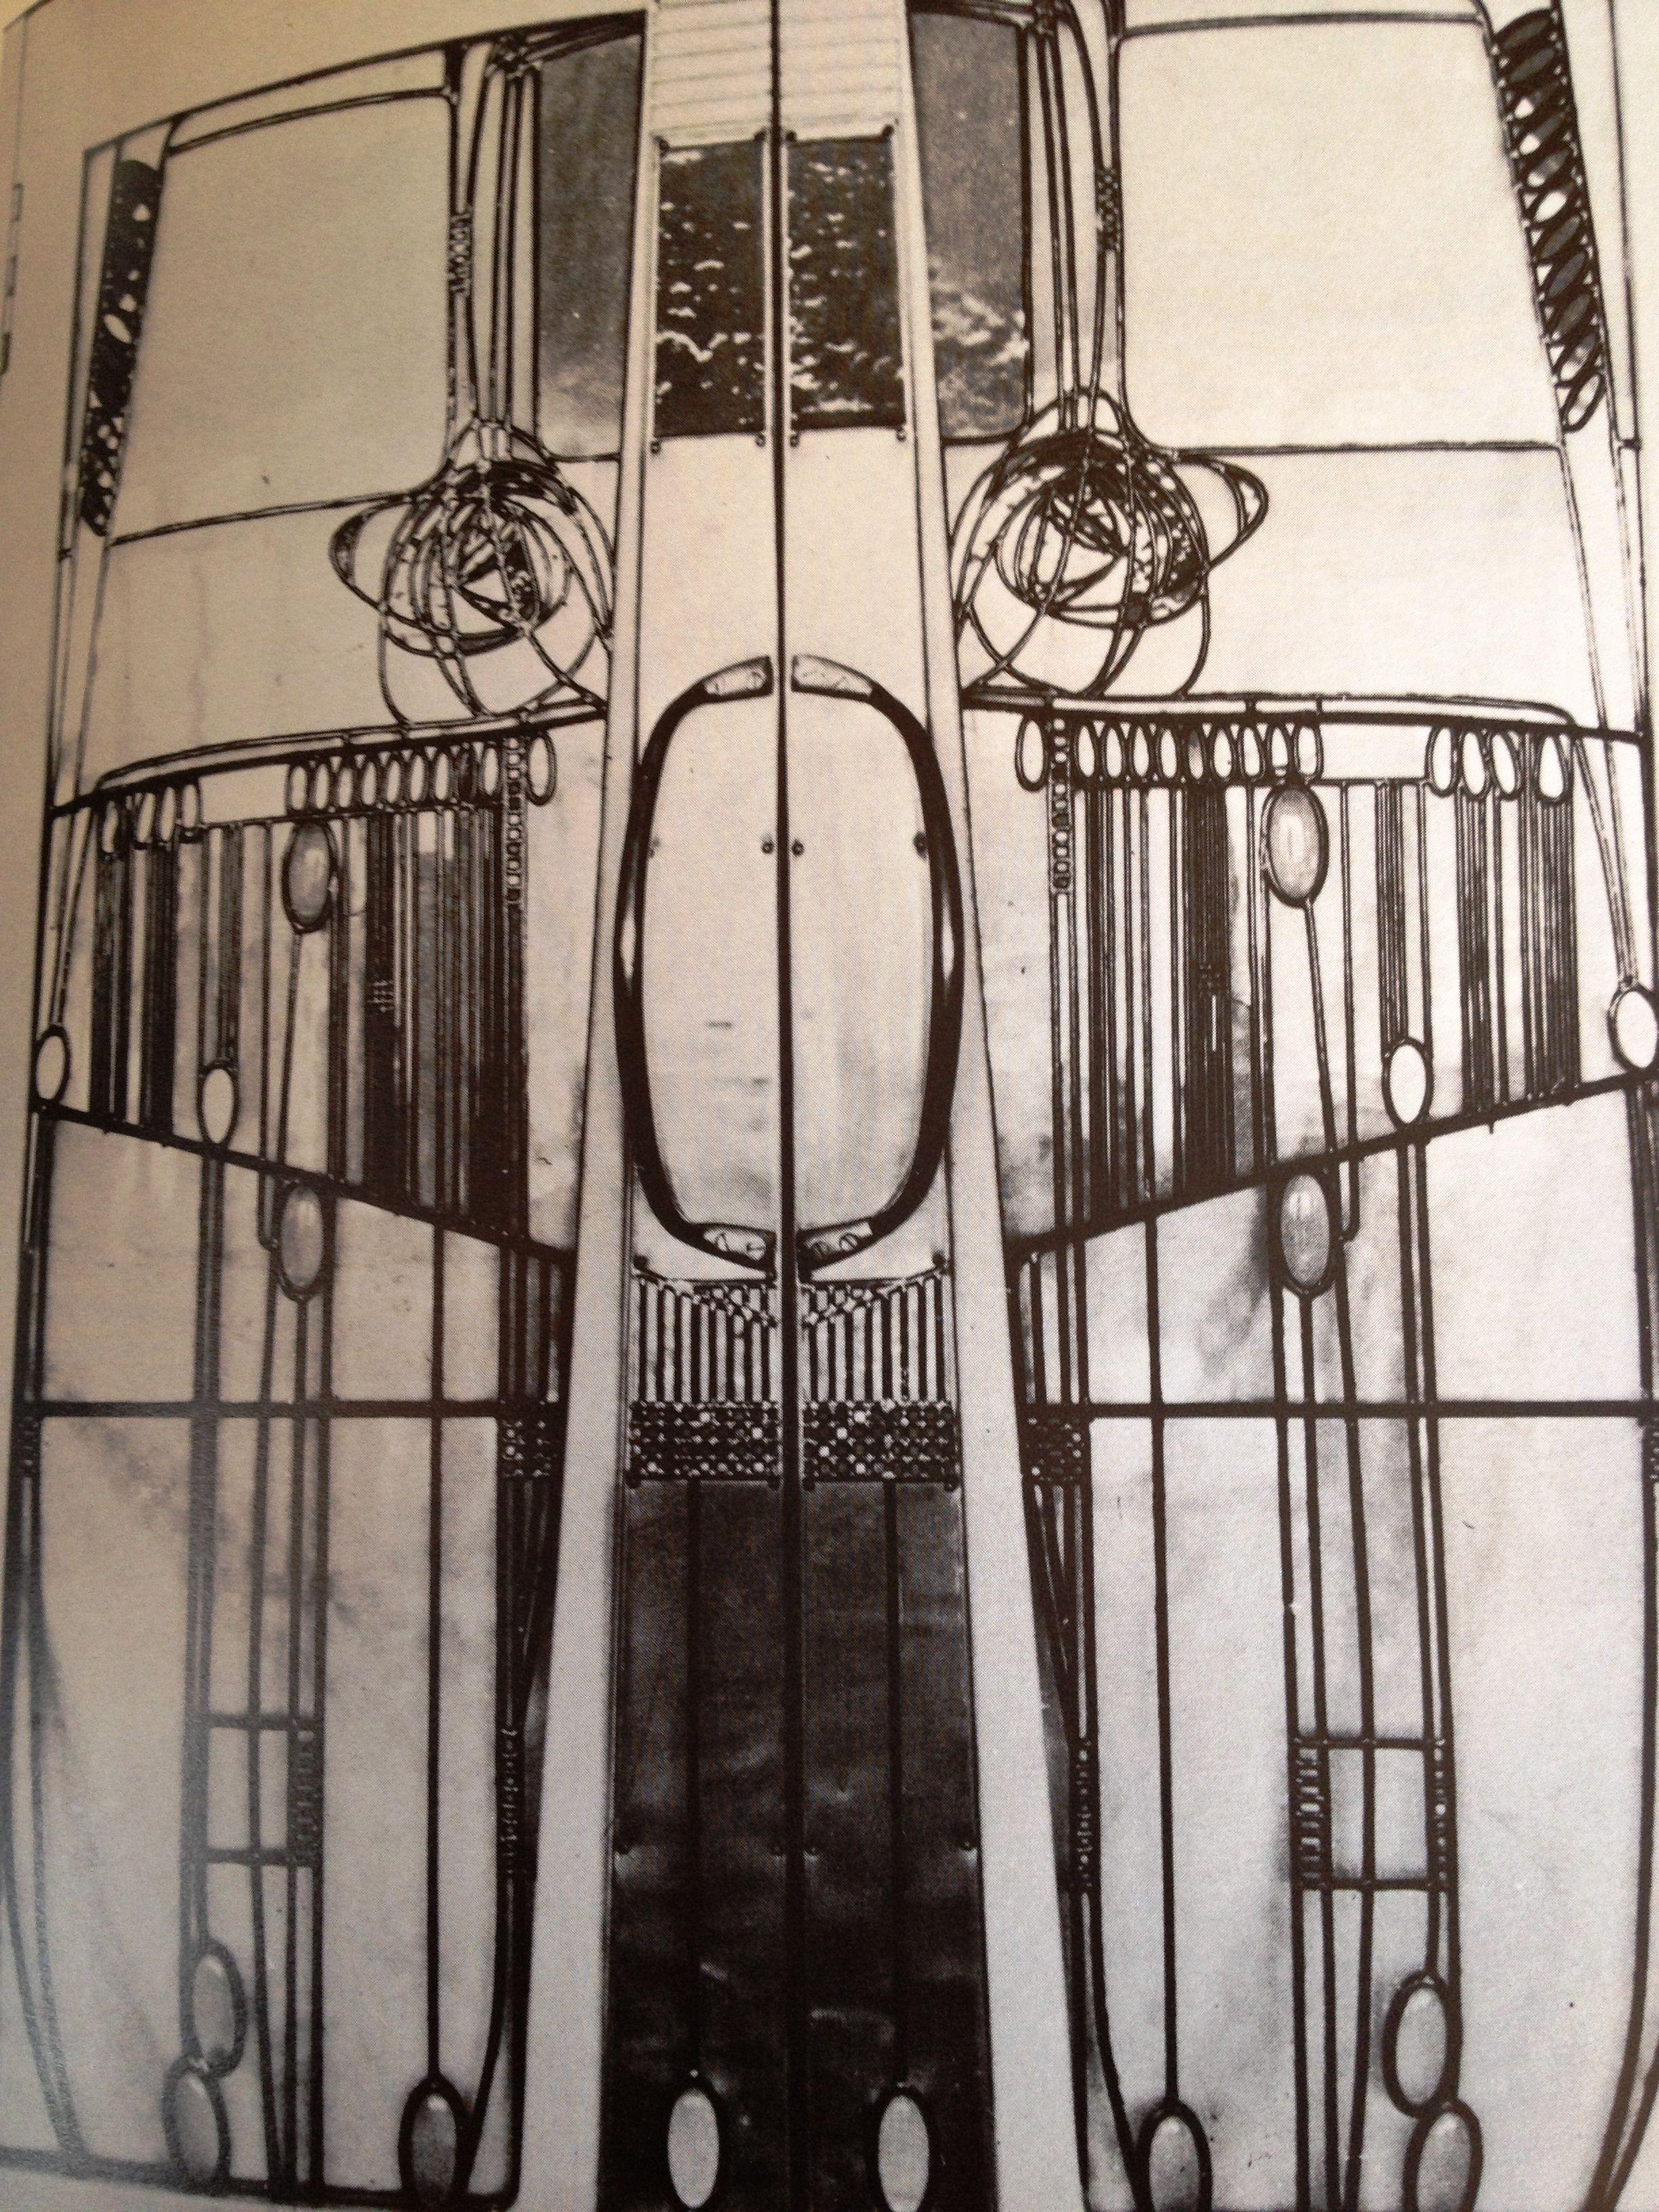 Charles rennie mackintosh the willow tea rooms door to uroom de